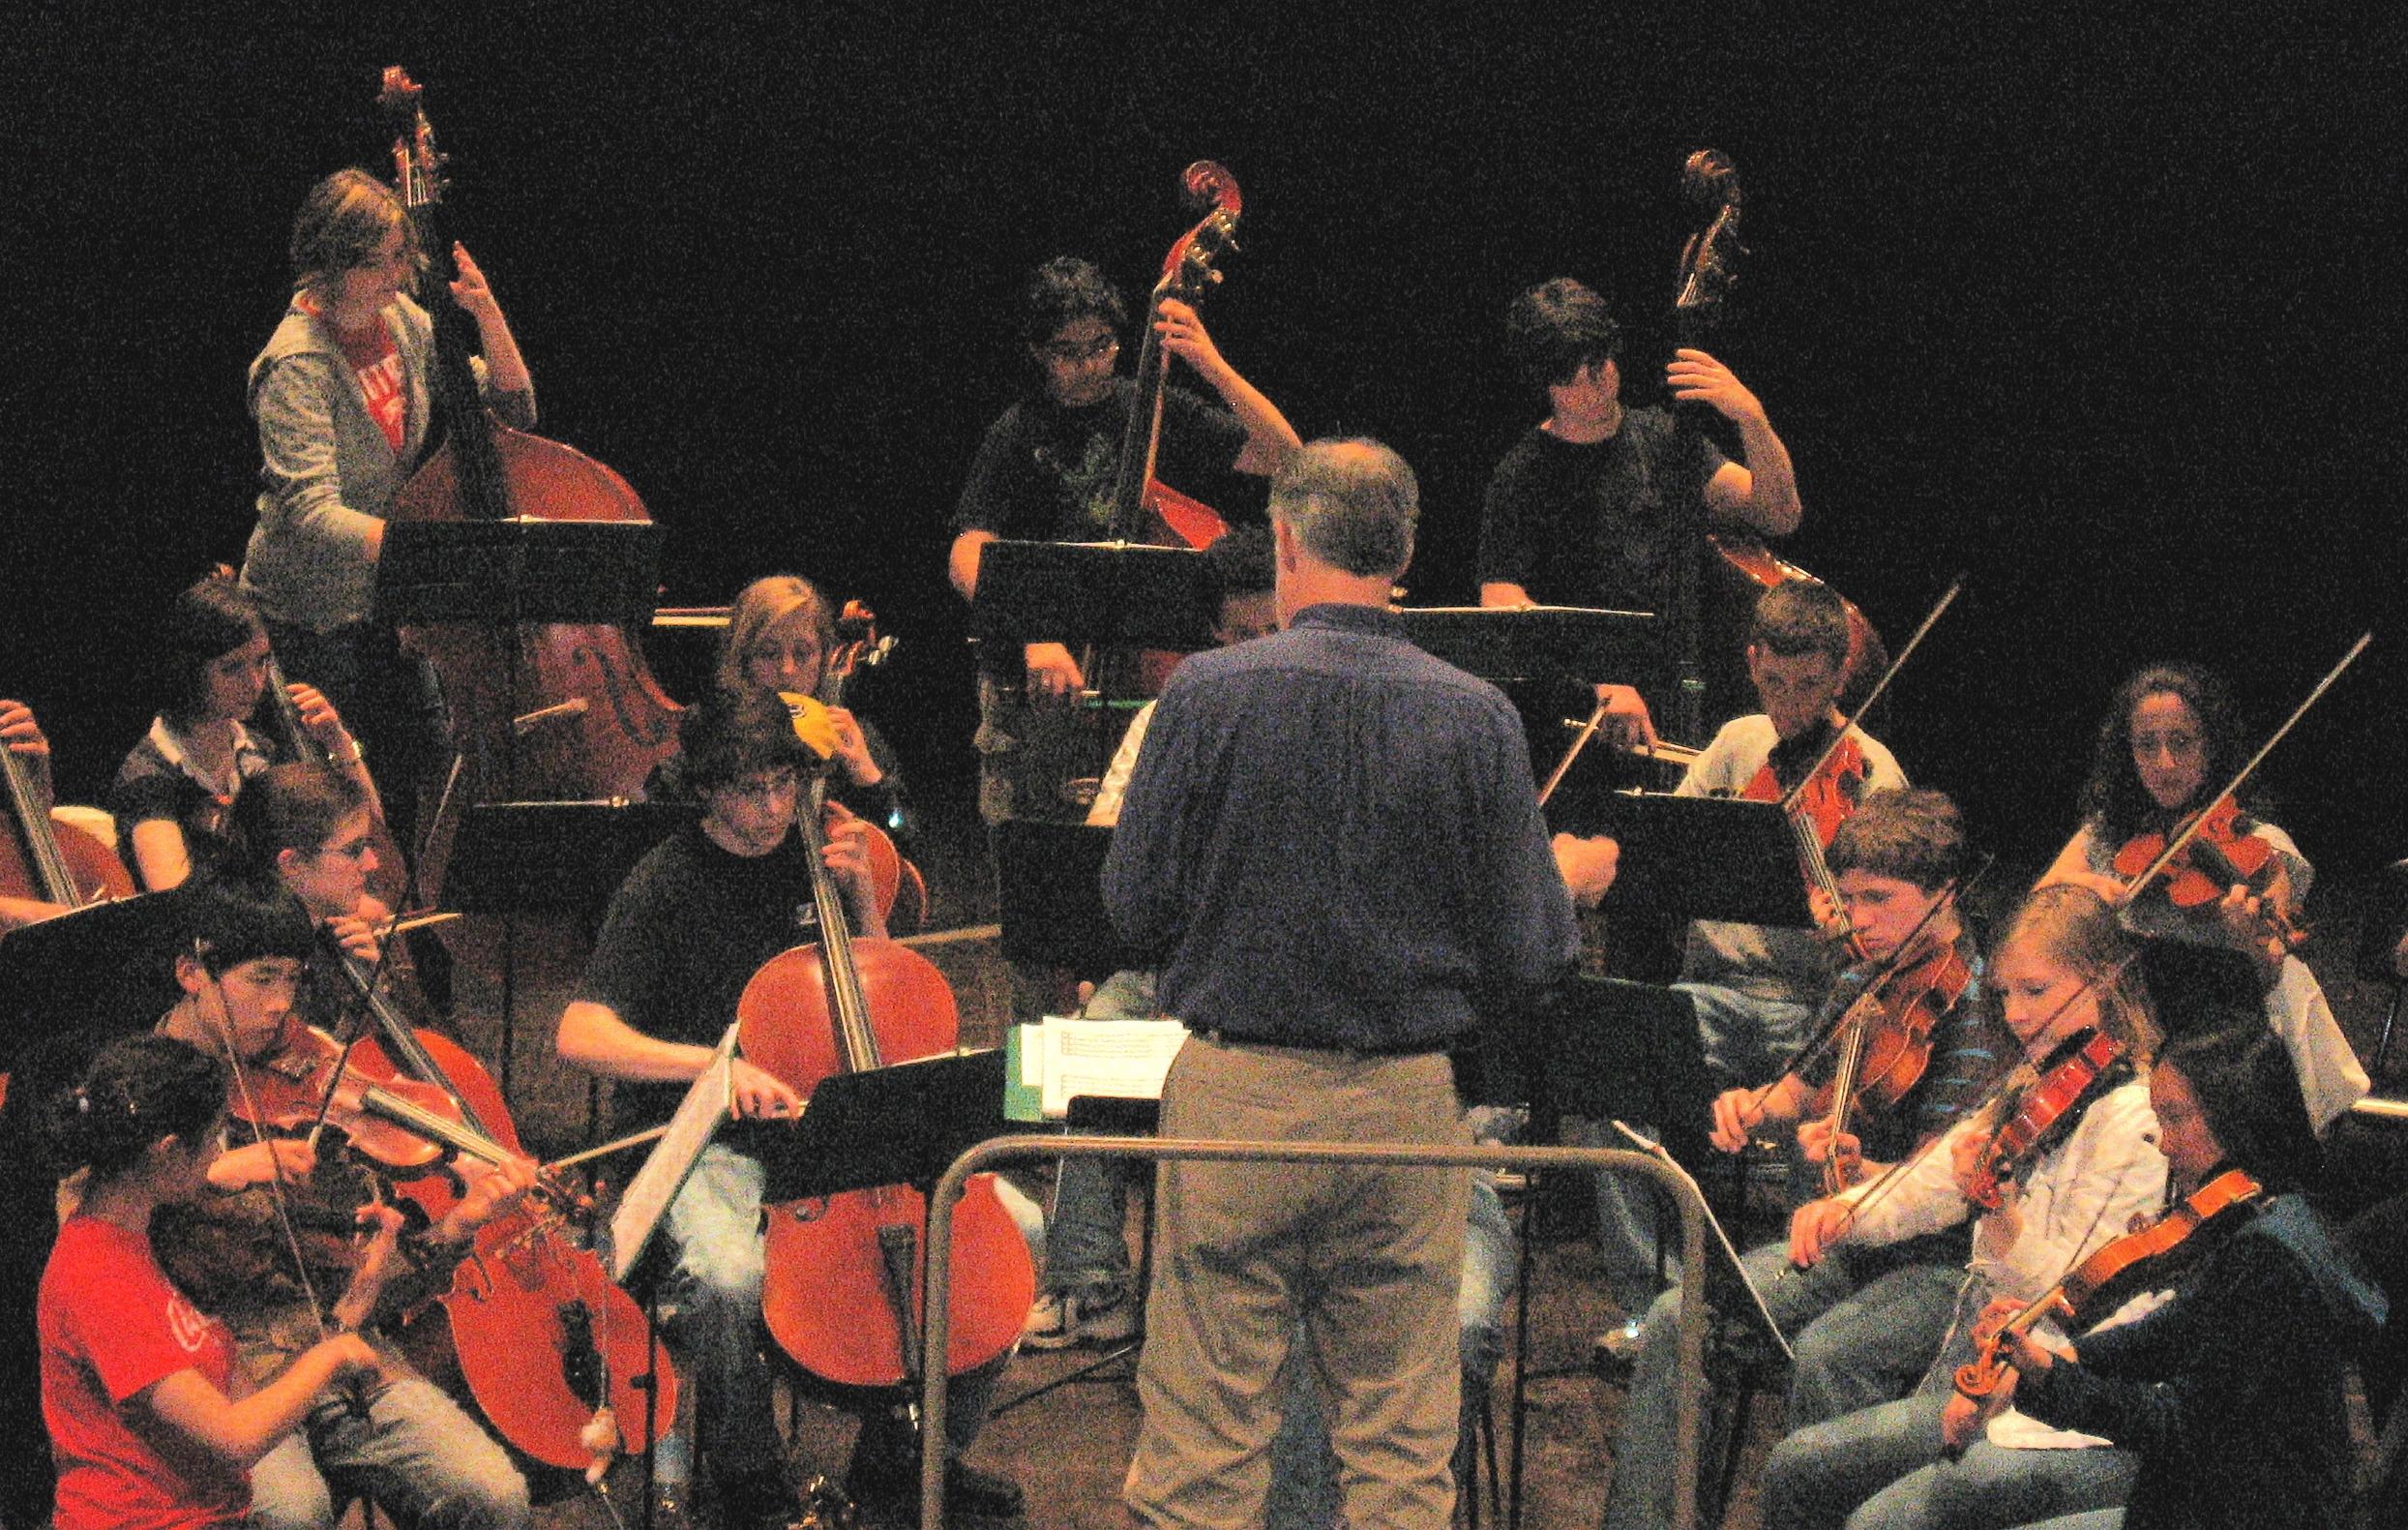 Stevenson Tour Orchestra rehearses in Teatro Comunale, Casalmaggiore Italy 2008